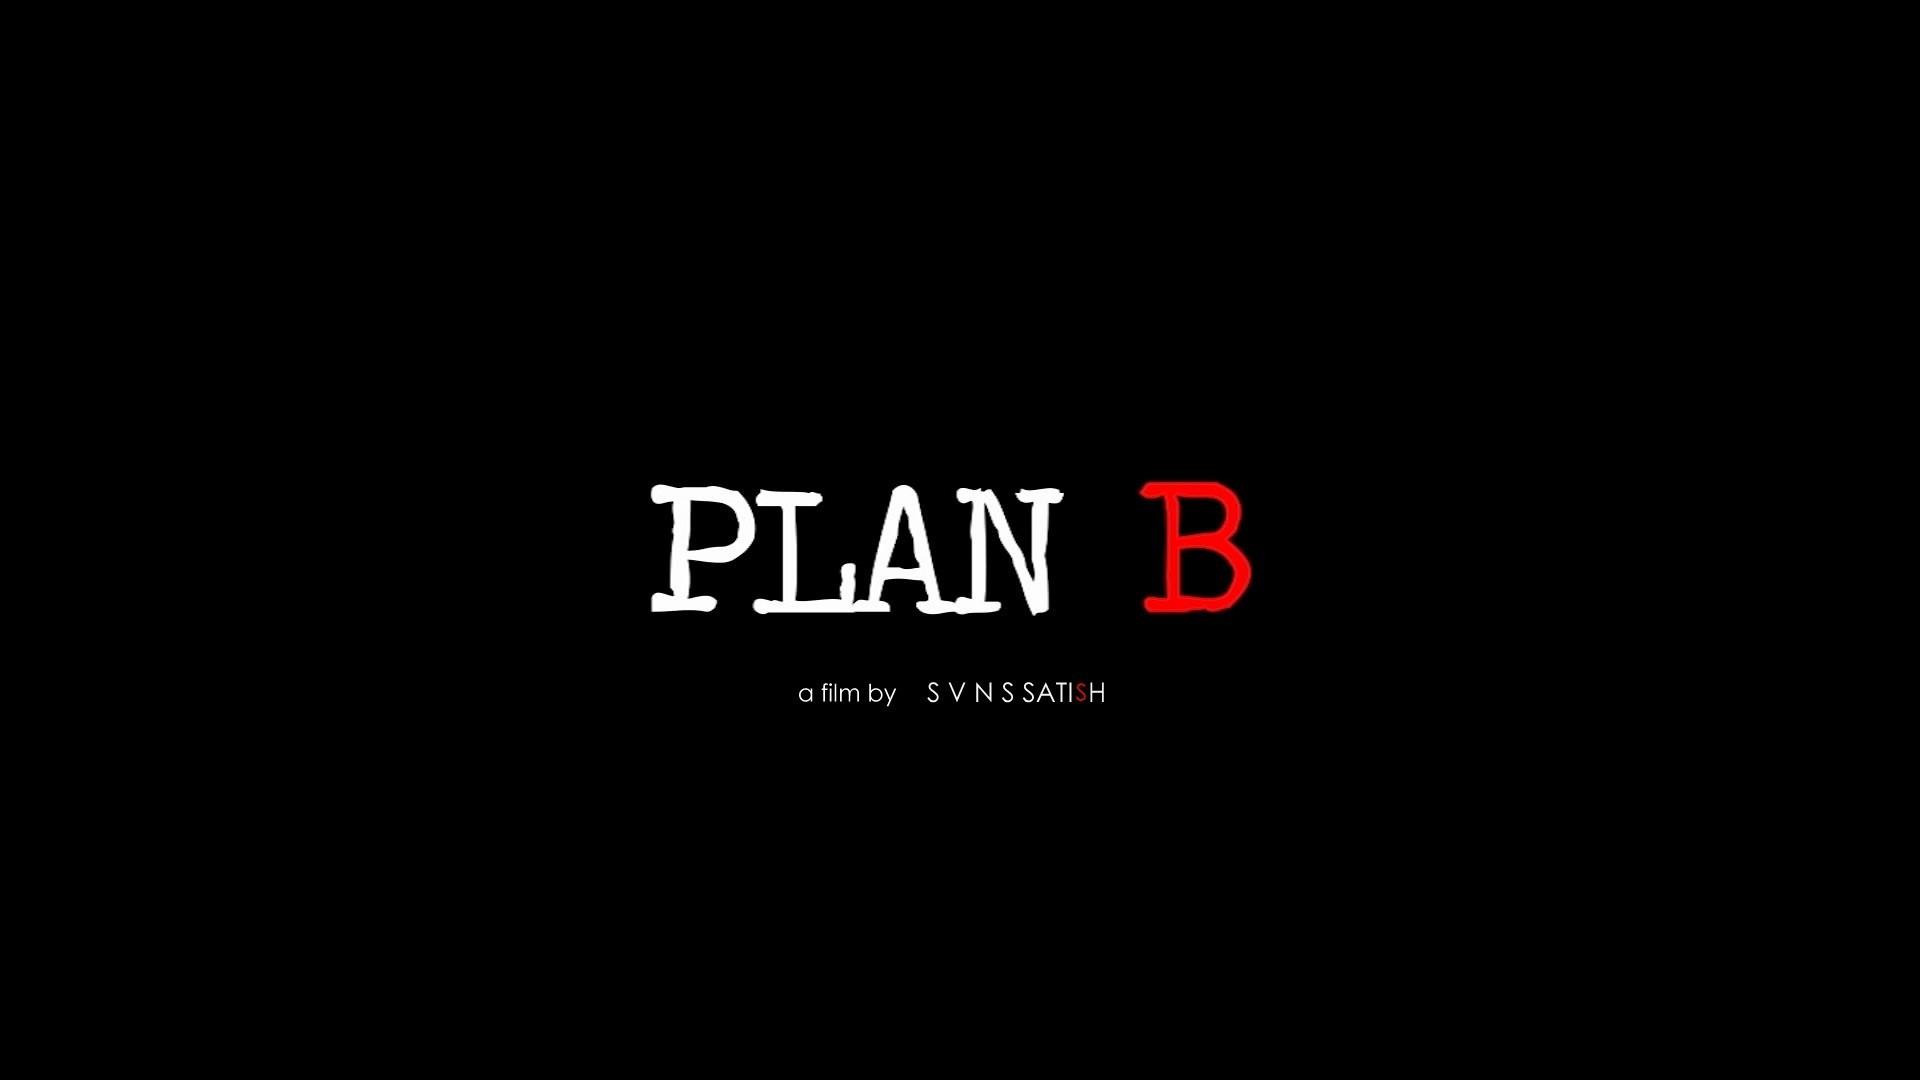 Plan B Wallpaper ①